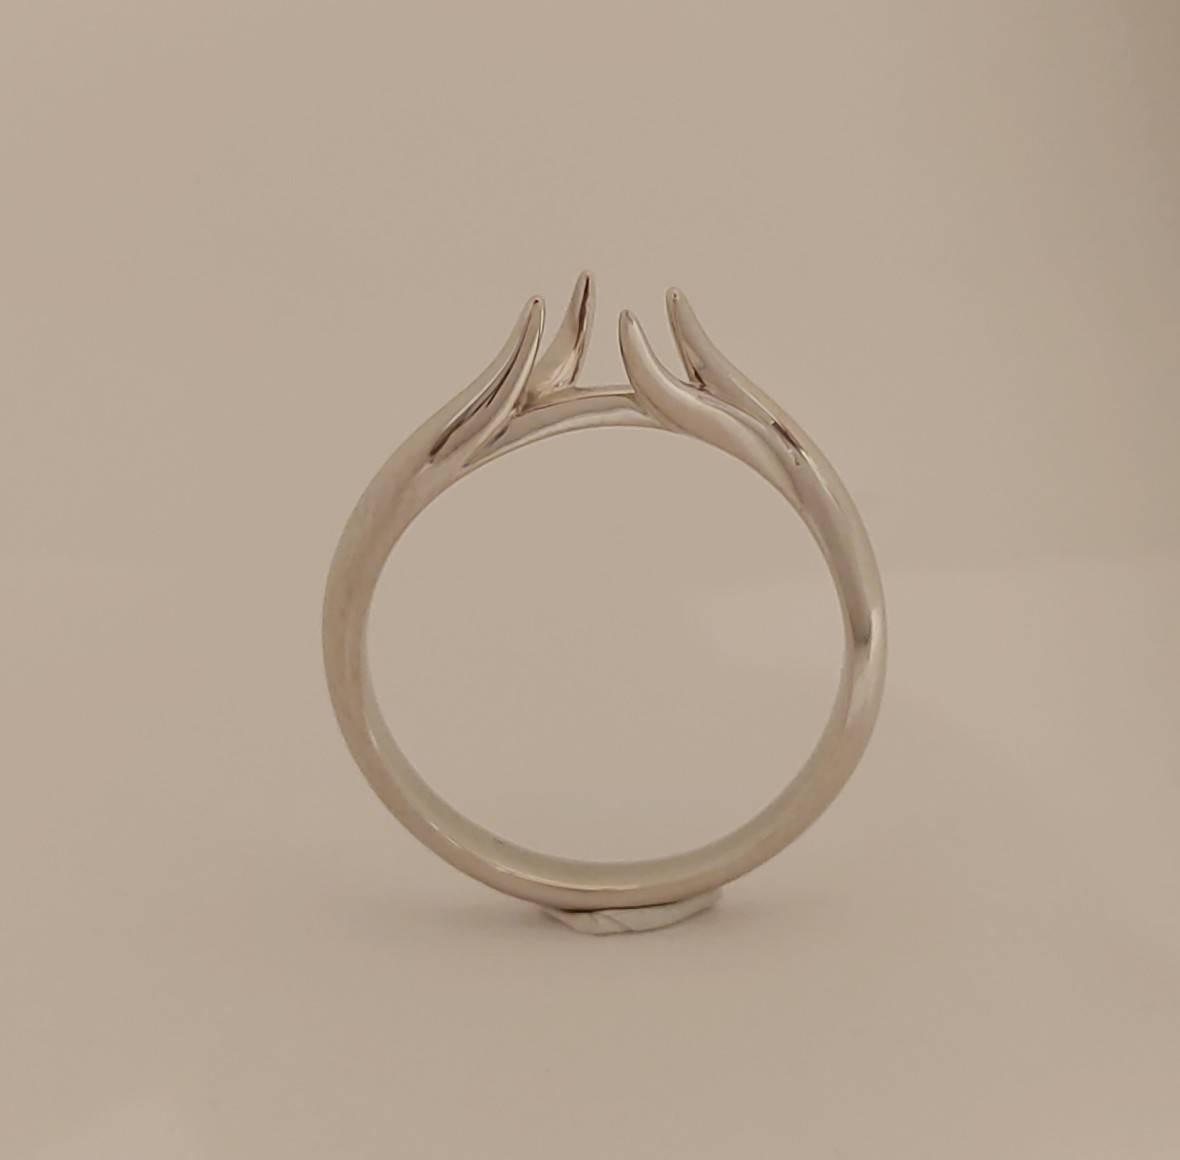 人とは違うフルオーダーメイドの婚約指輪の磨き前品